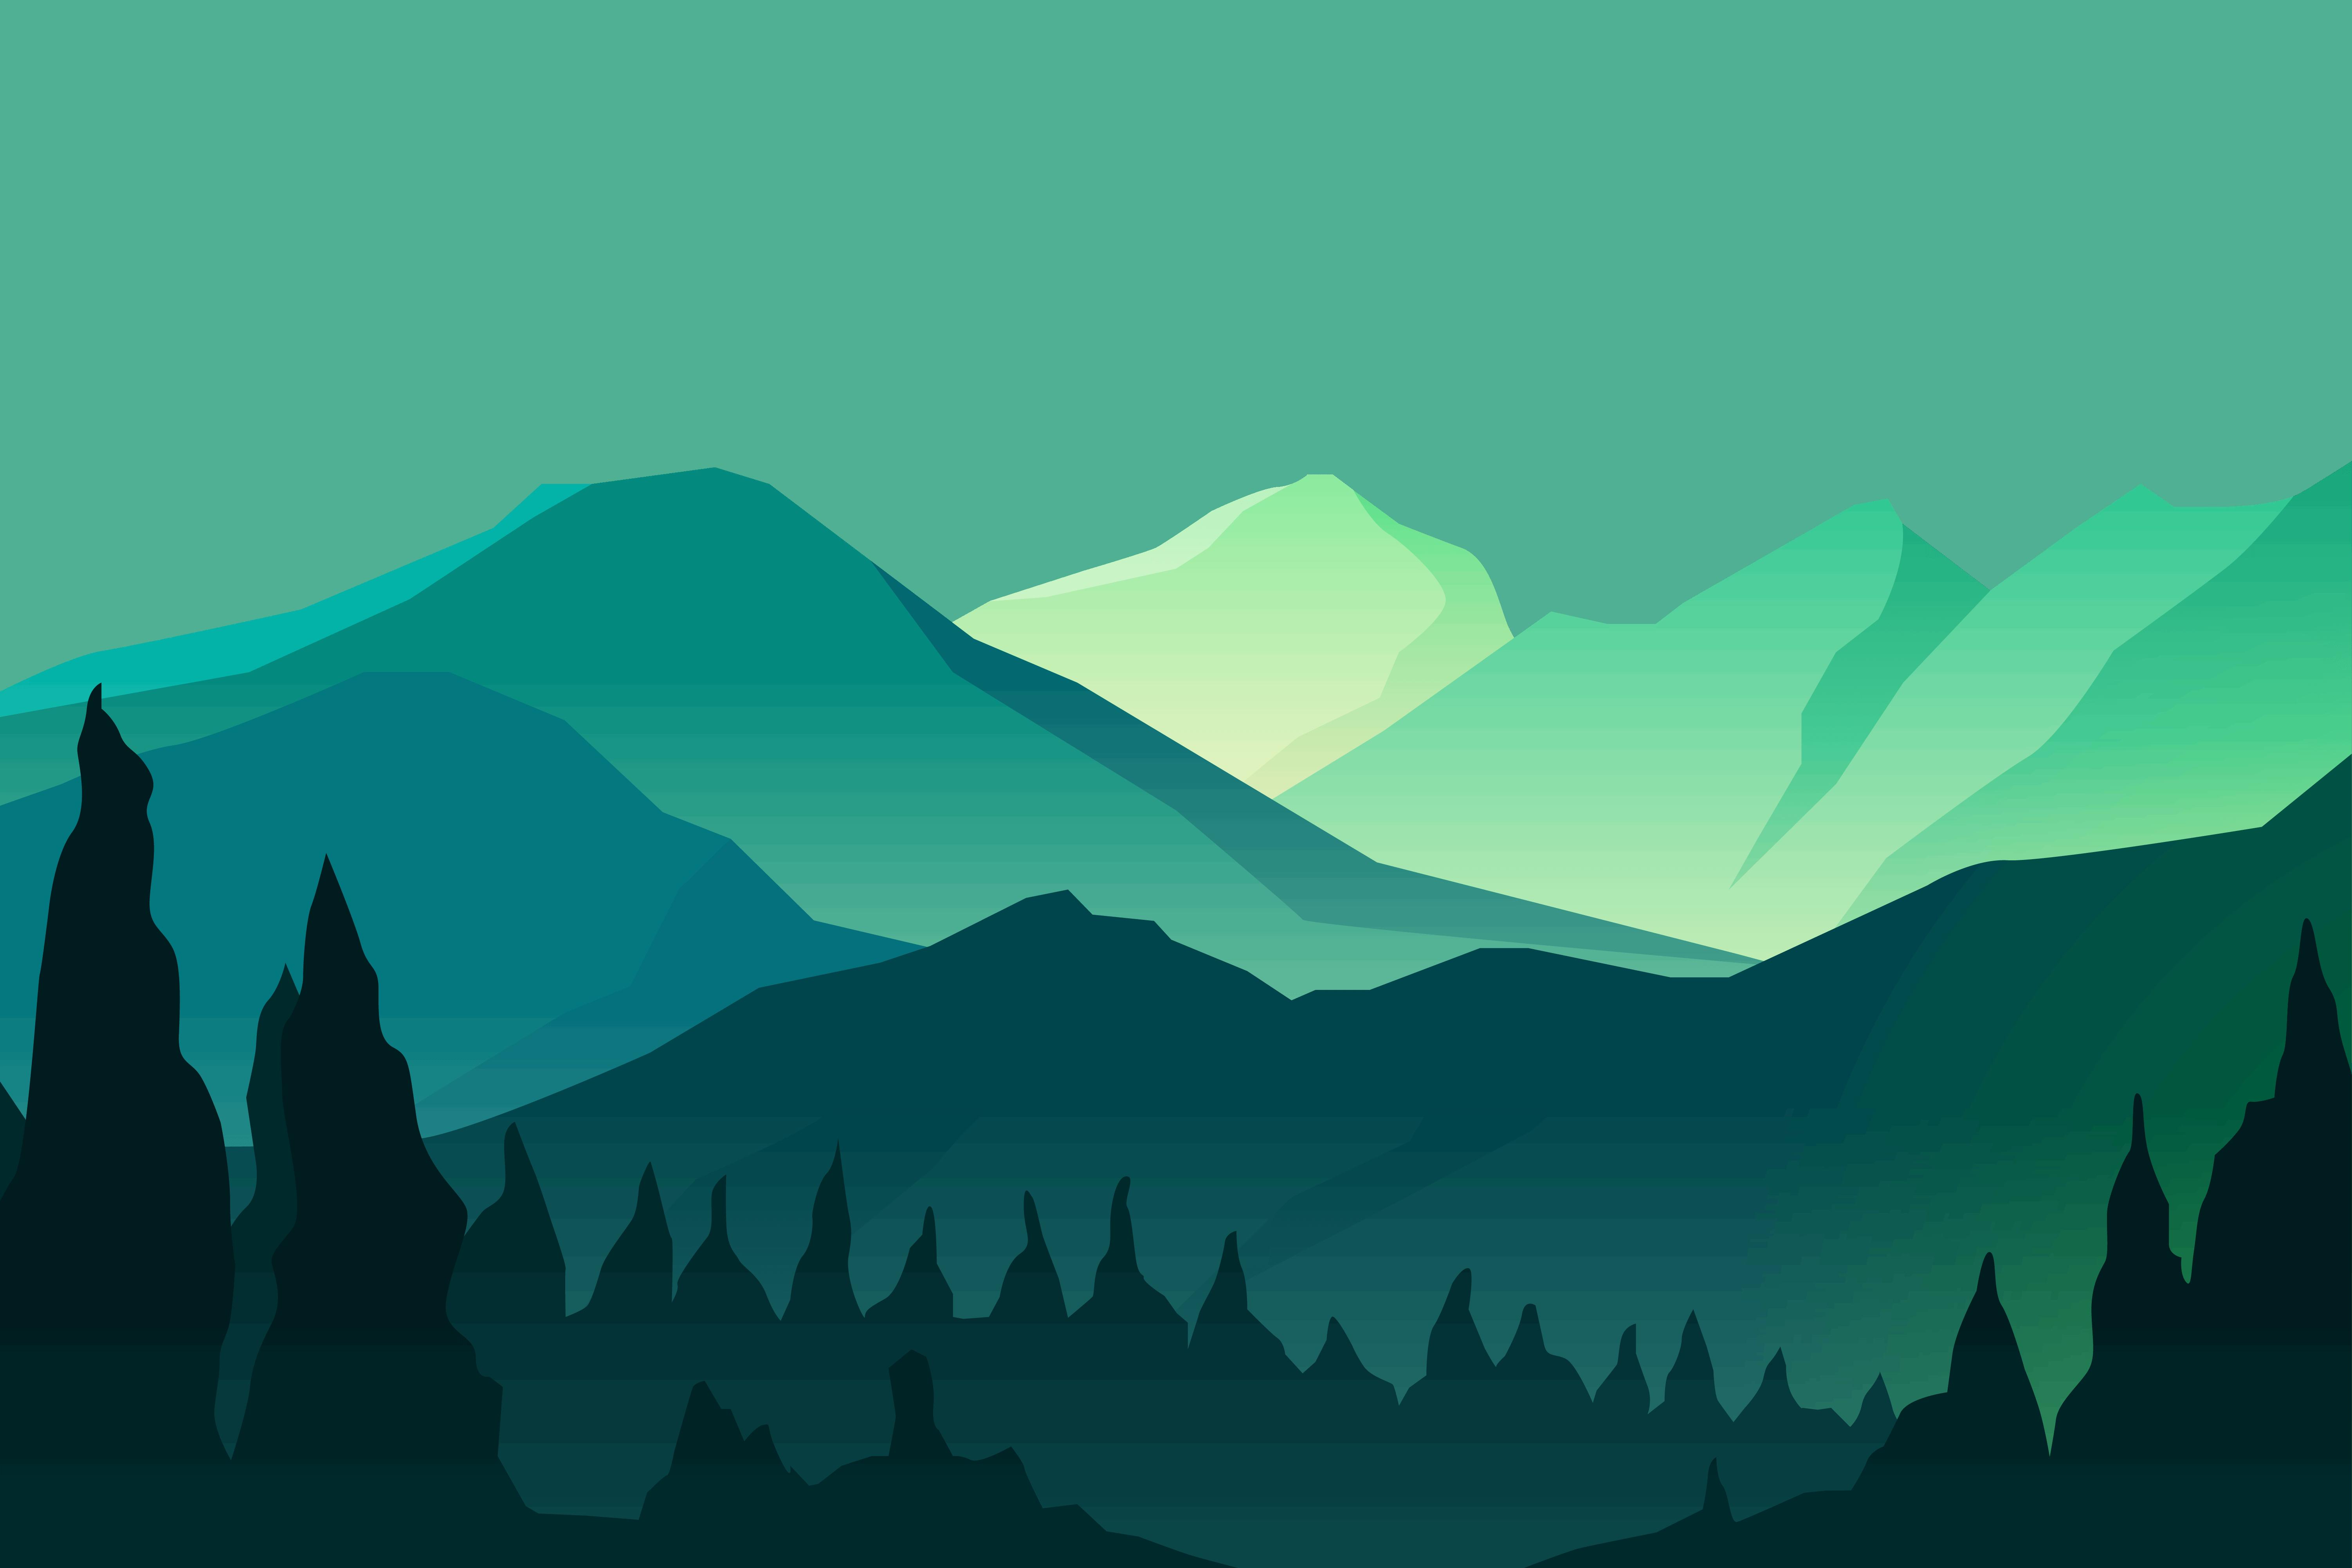 illustrated mountain scene